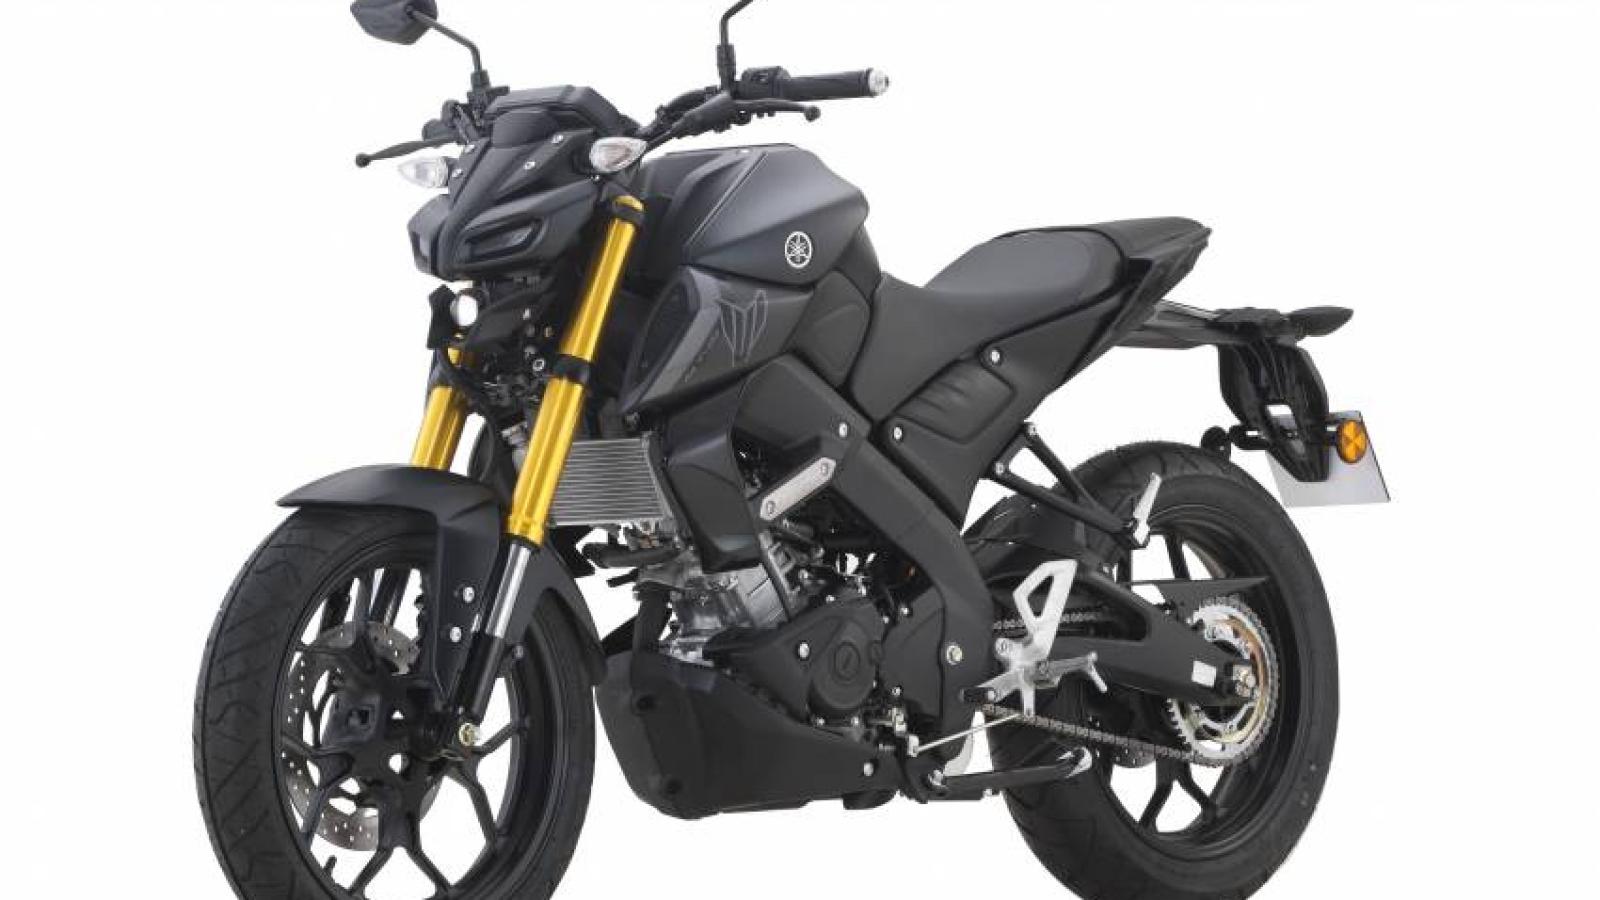 Yamaha MT-15 2021 bổ sung thêm màu sơn mới, giá không đổi